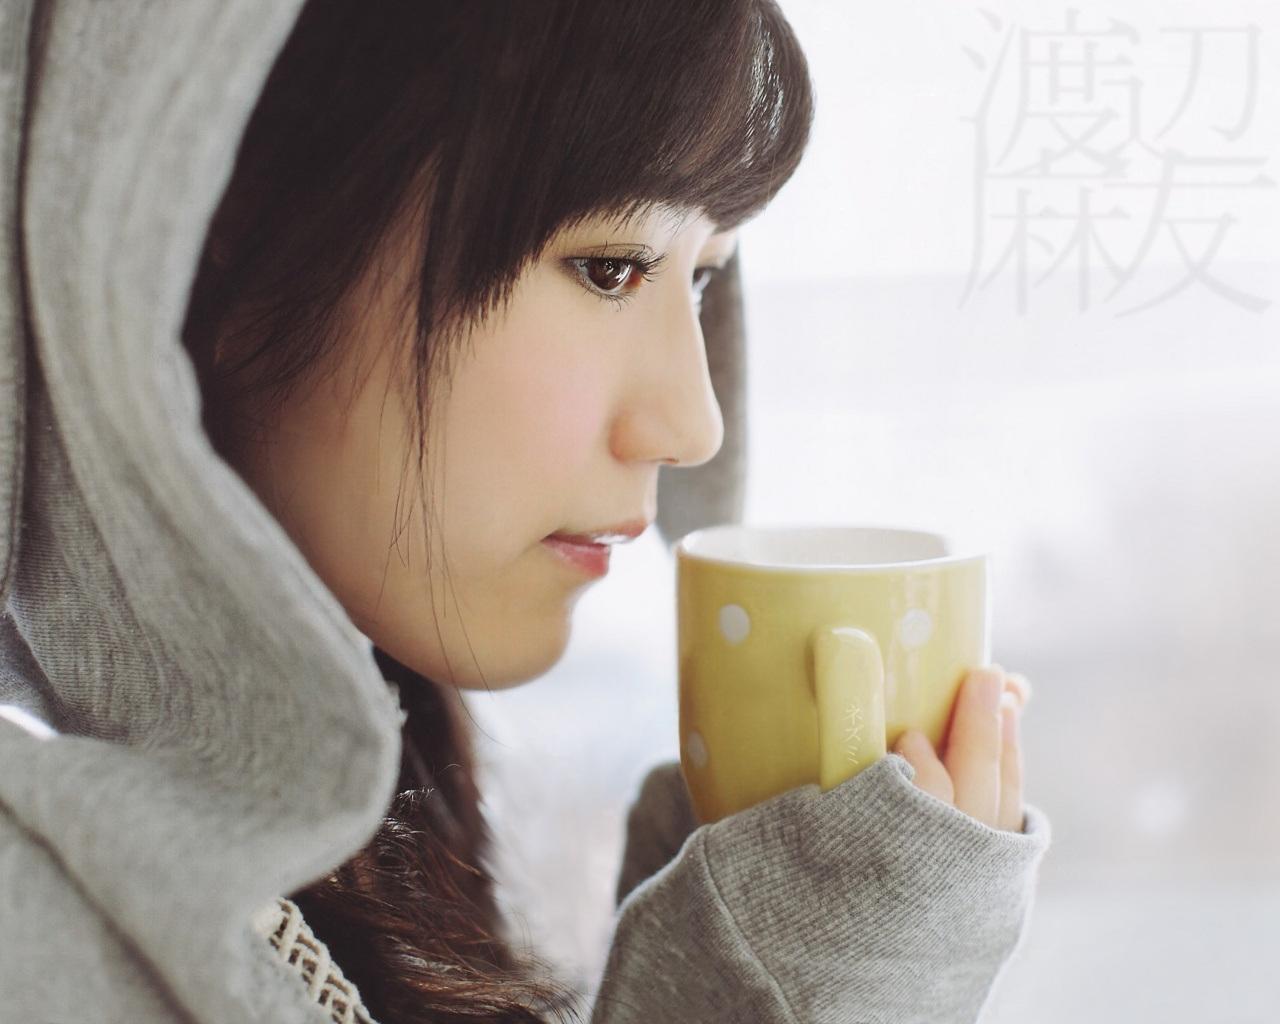 渡辺麻友 エロ画像 95